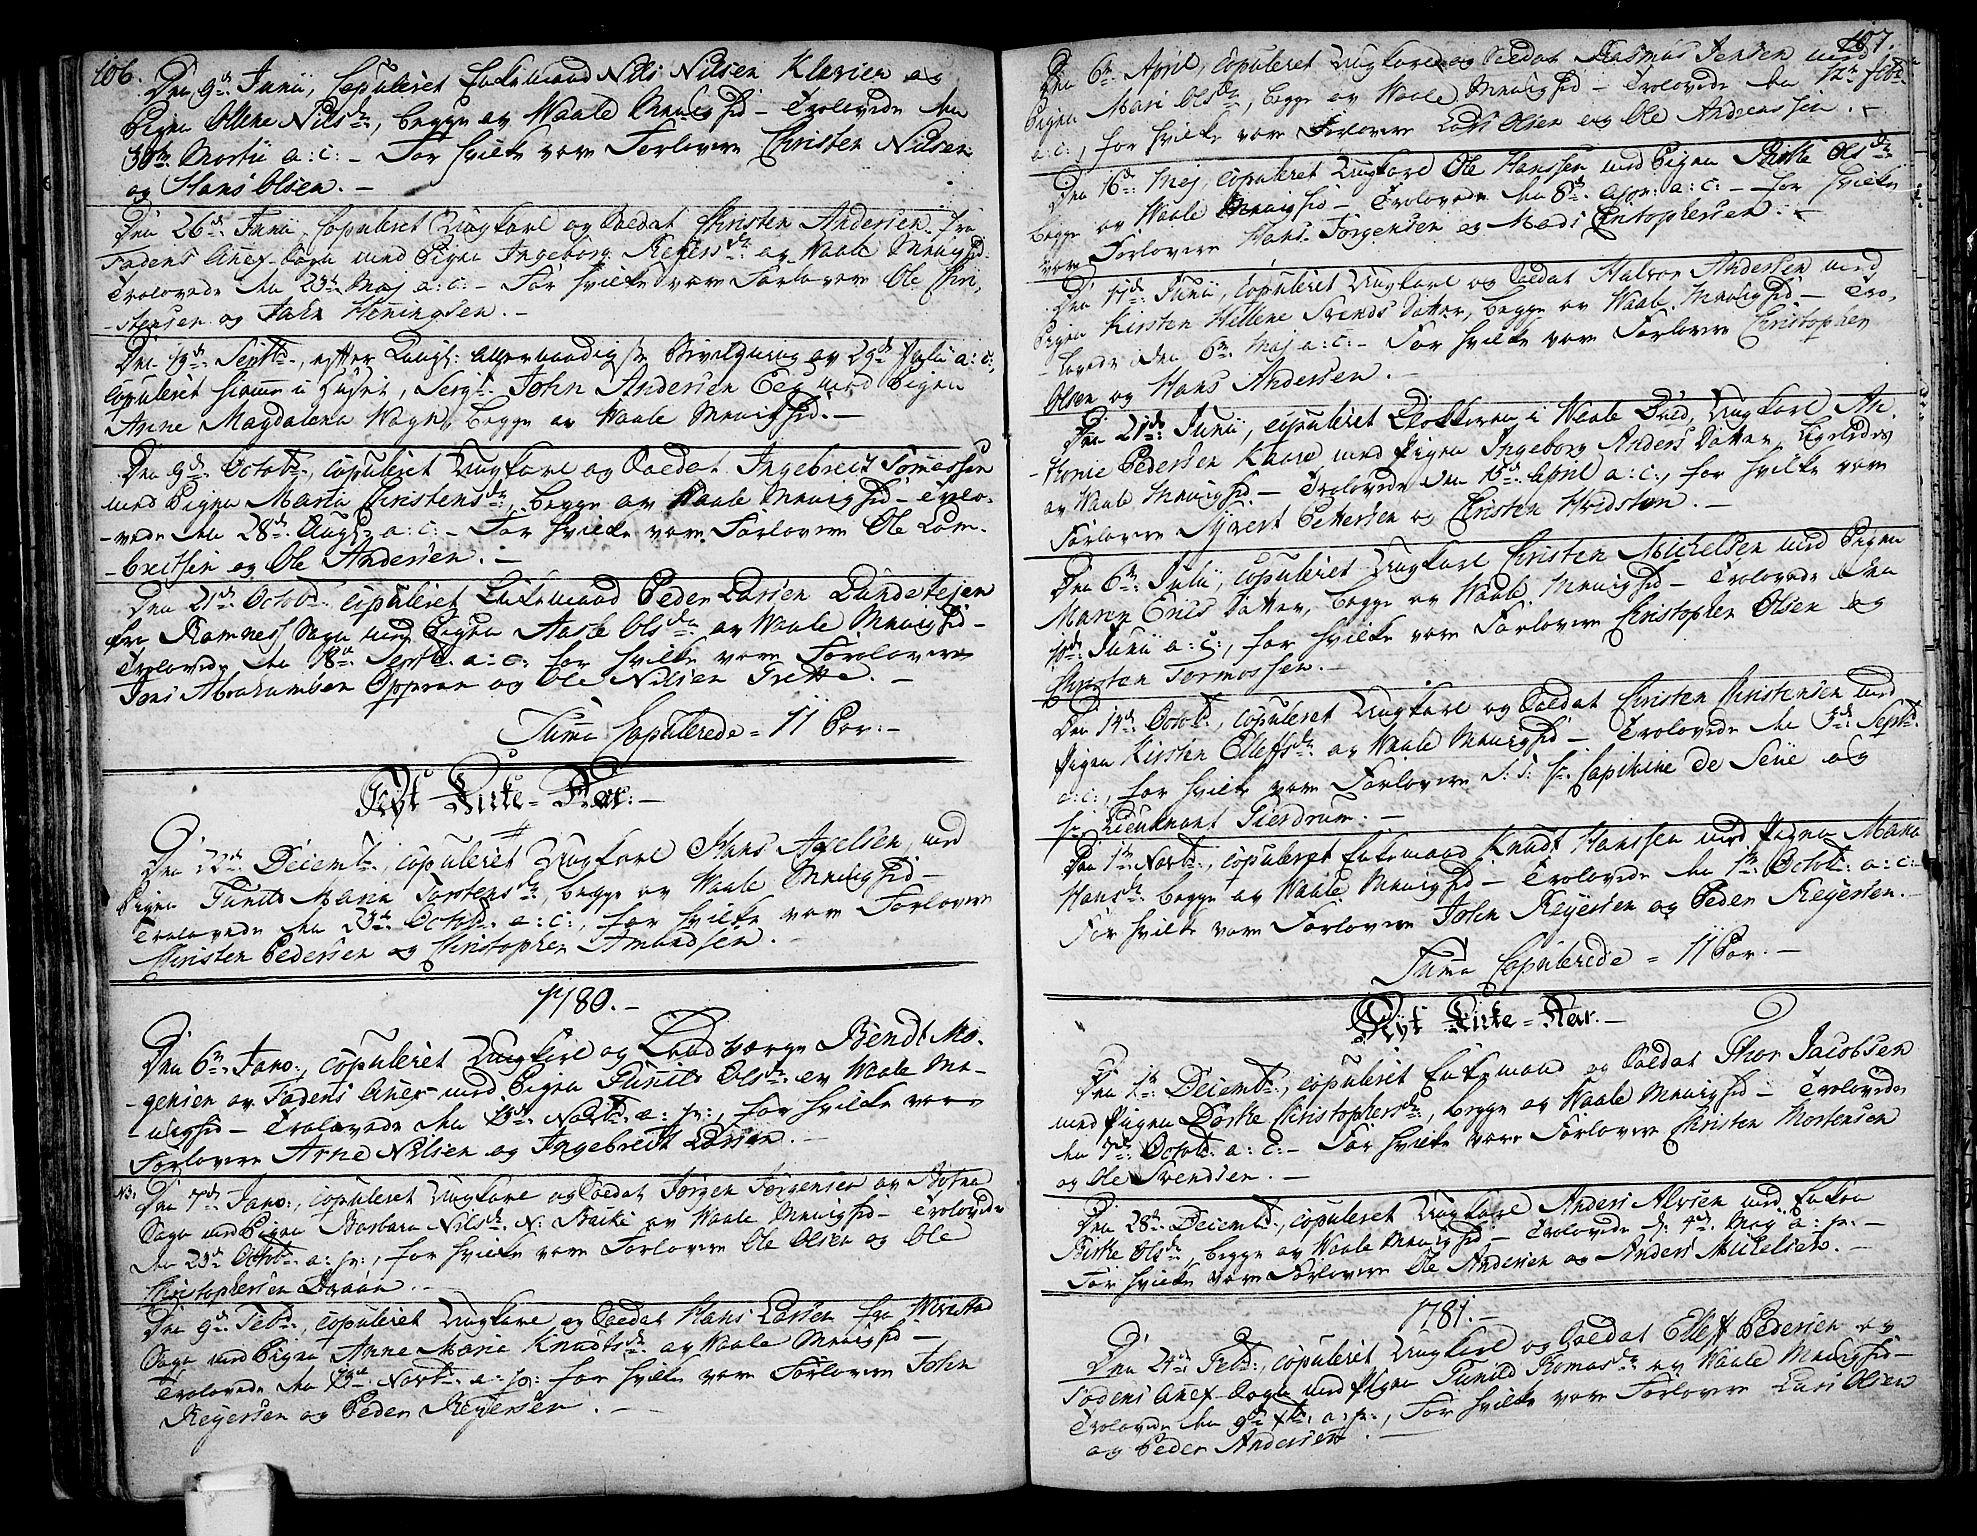 SAKO, Våle kirkebøker, F/Fa/L0005: Ministerialbok nr. I 5, 1773-1808, s. 106-107